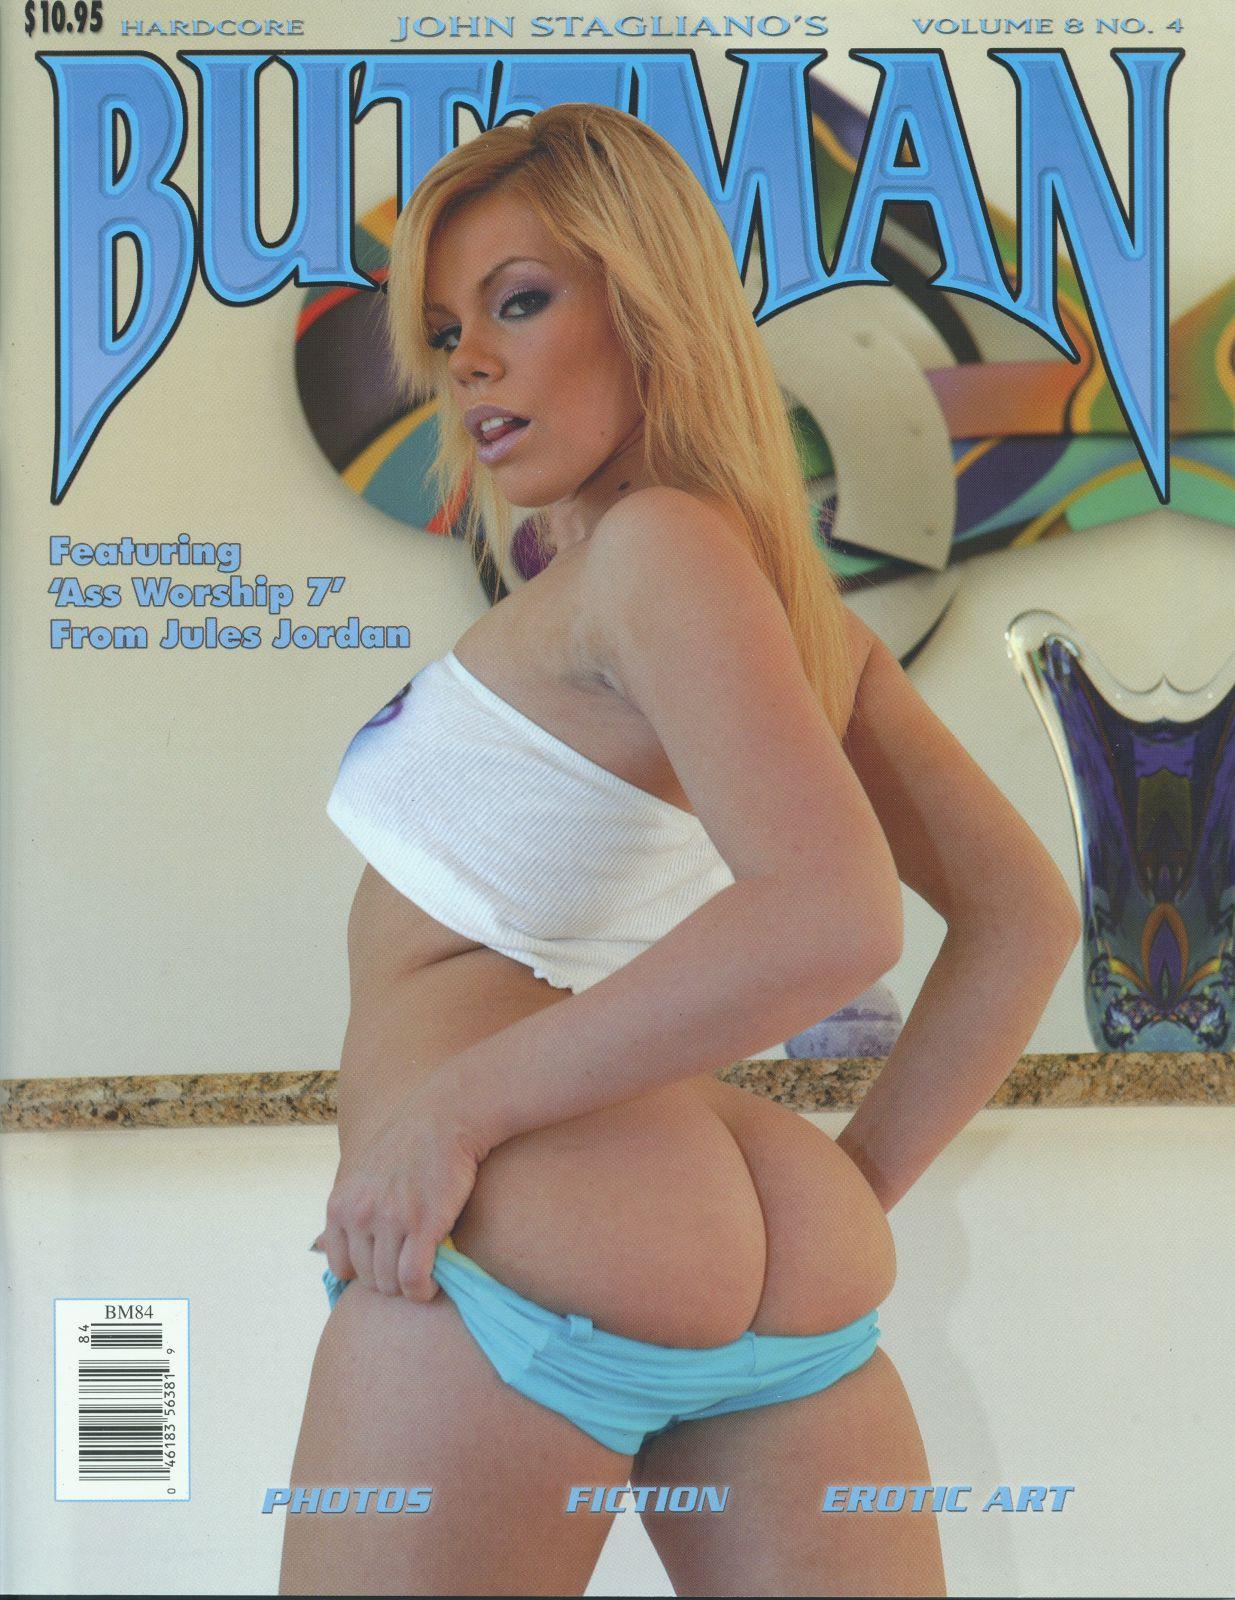 Buttman 08.04